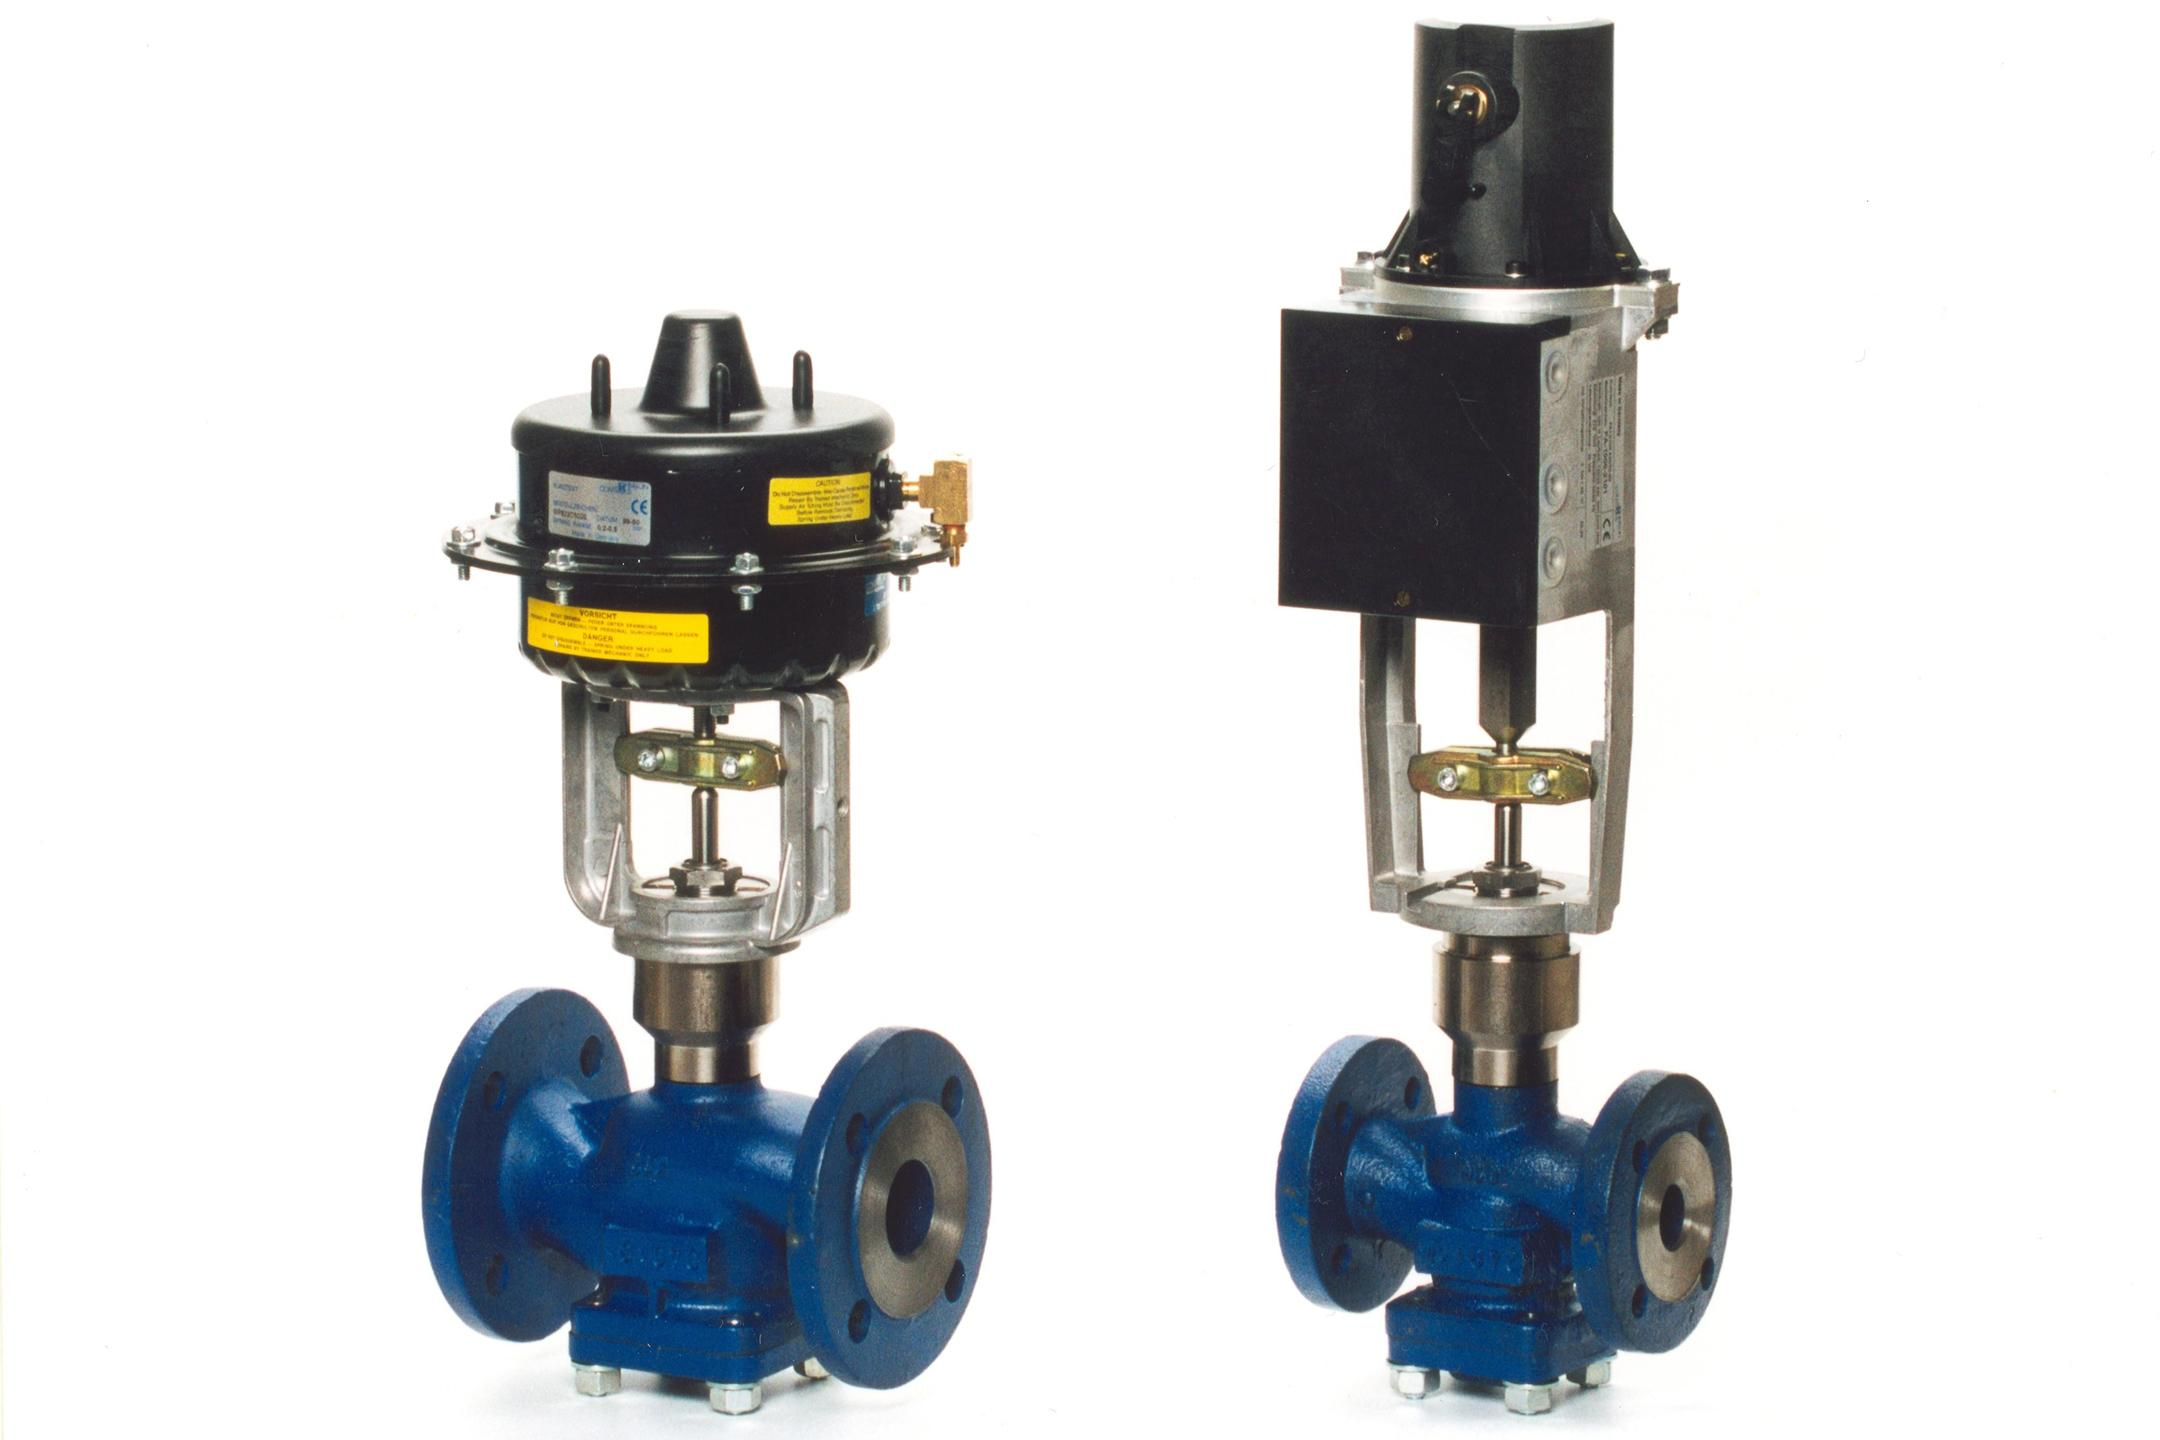 Клапан запорный регулирующий для теплообменника Кожухотрубный конденсатор ONDA C 36.303.2000 Хабаровск